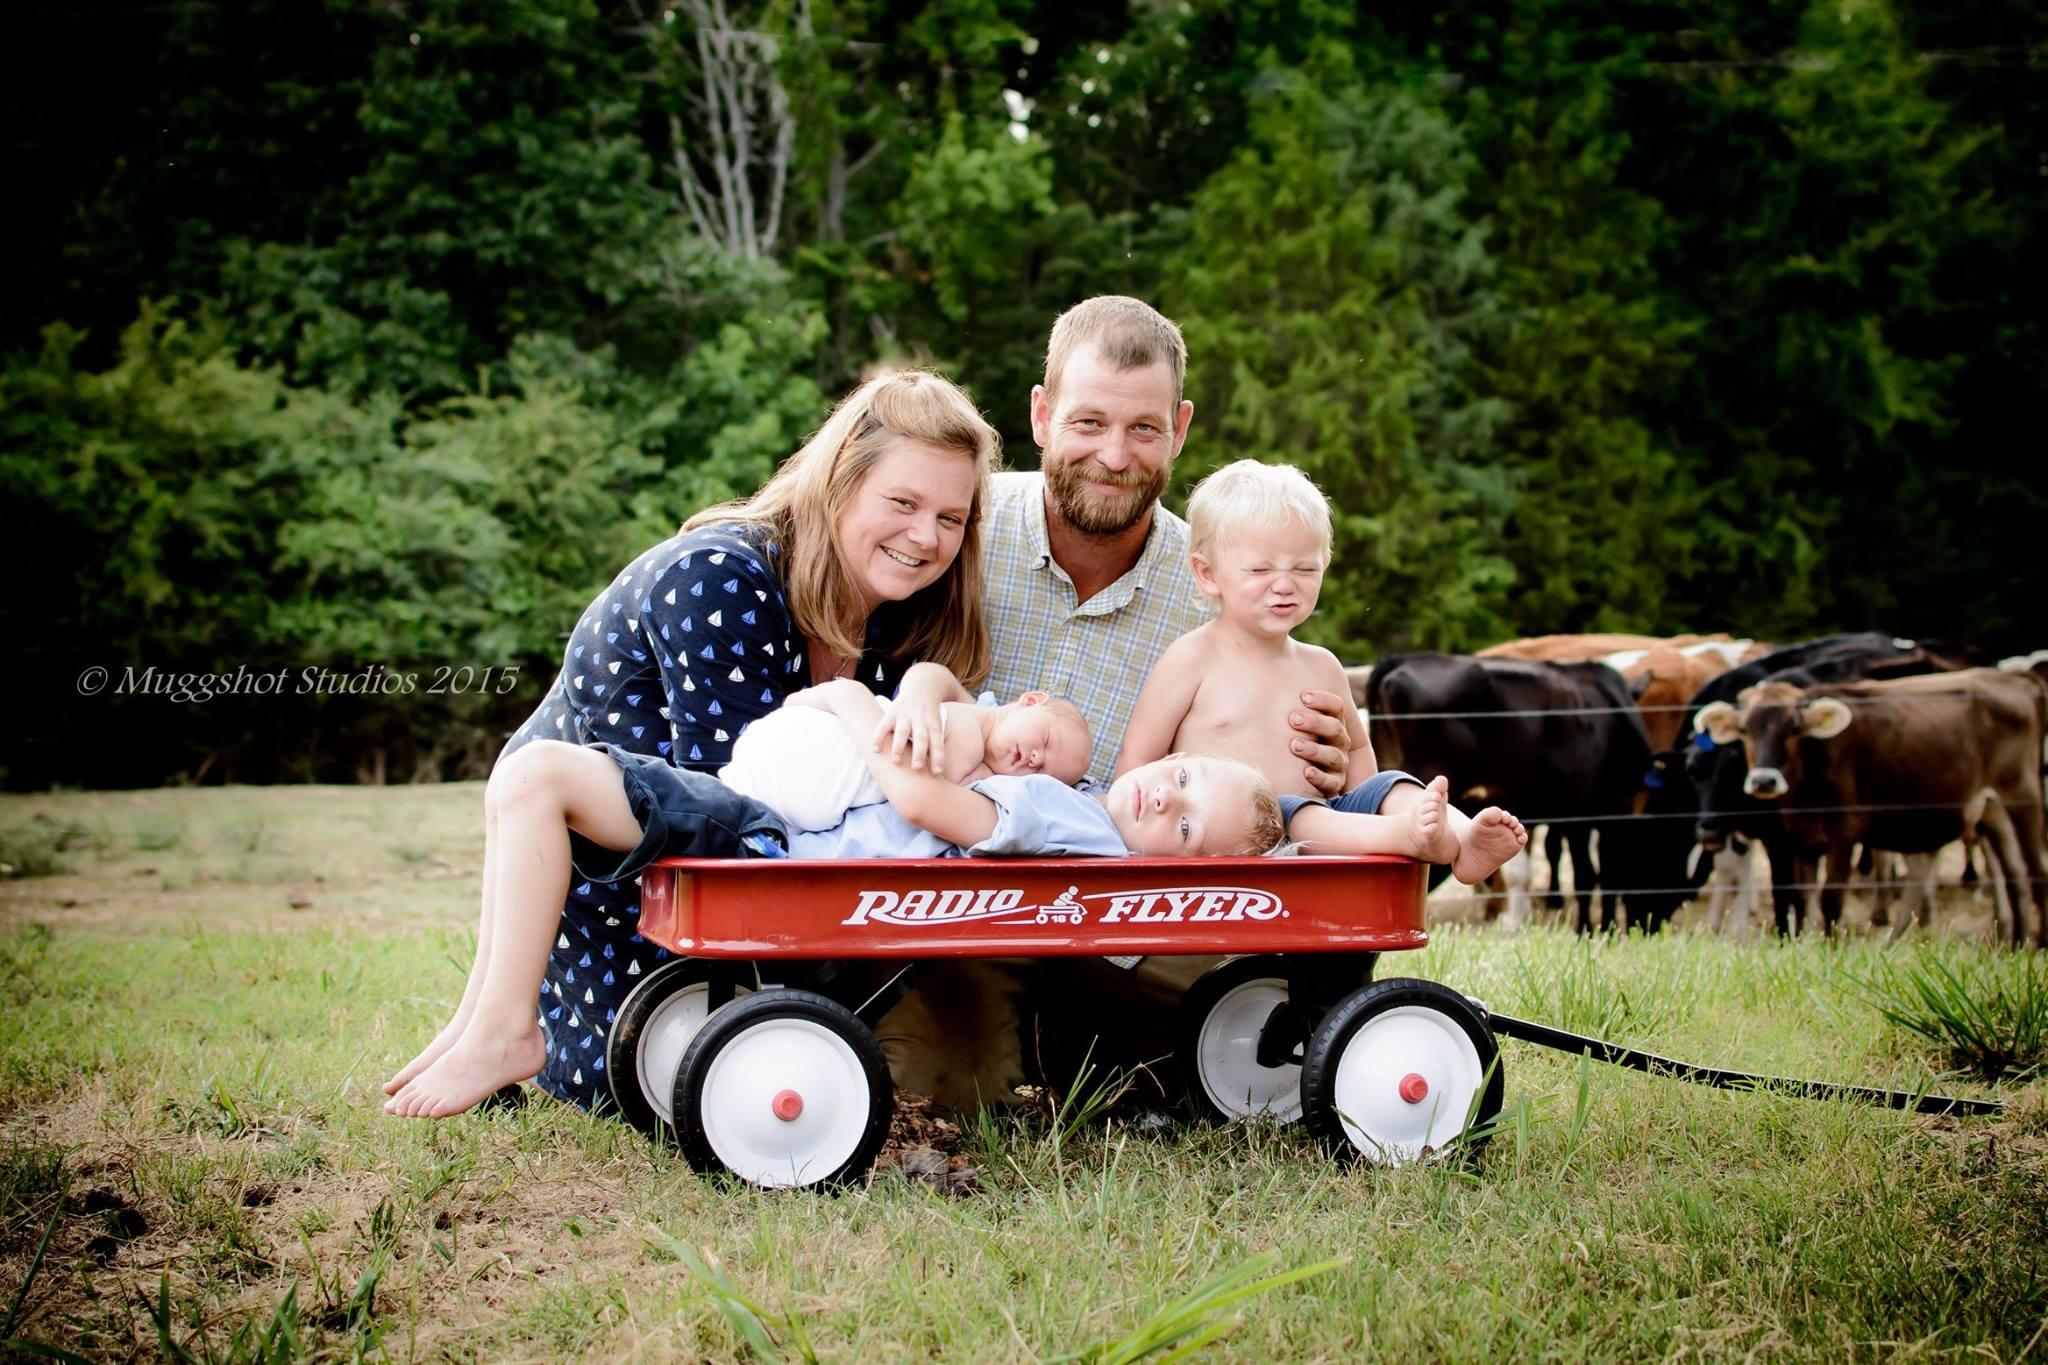 DairySustainabilityBlog